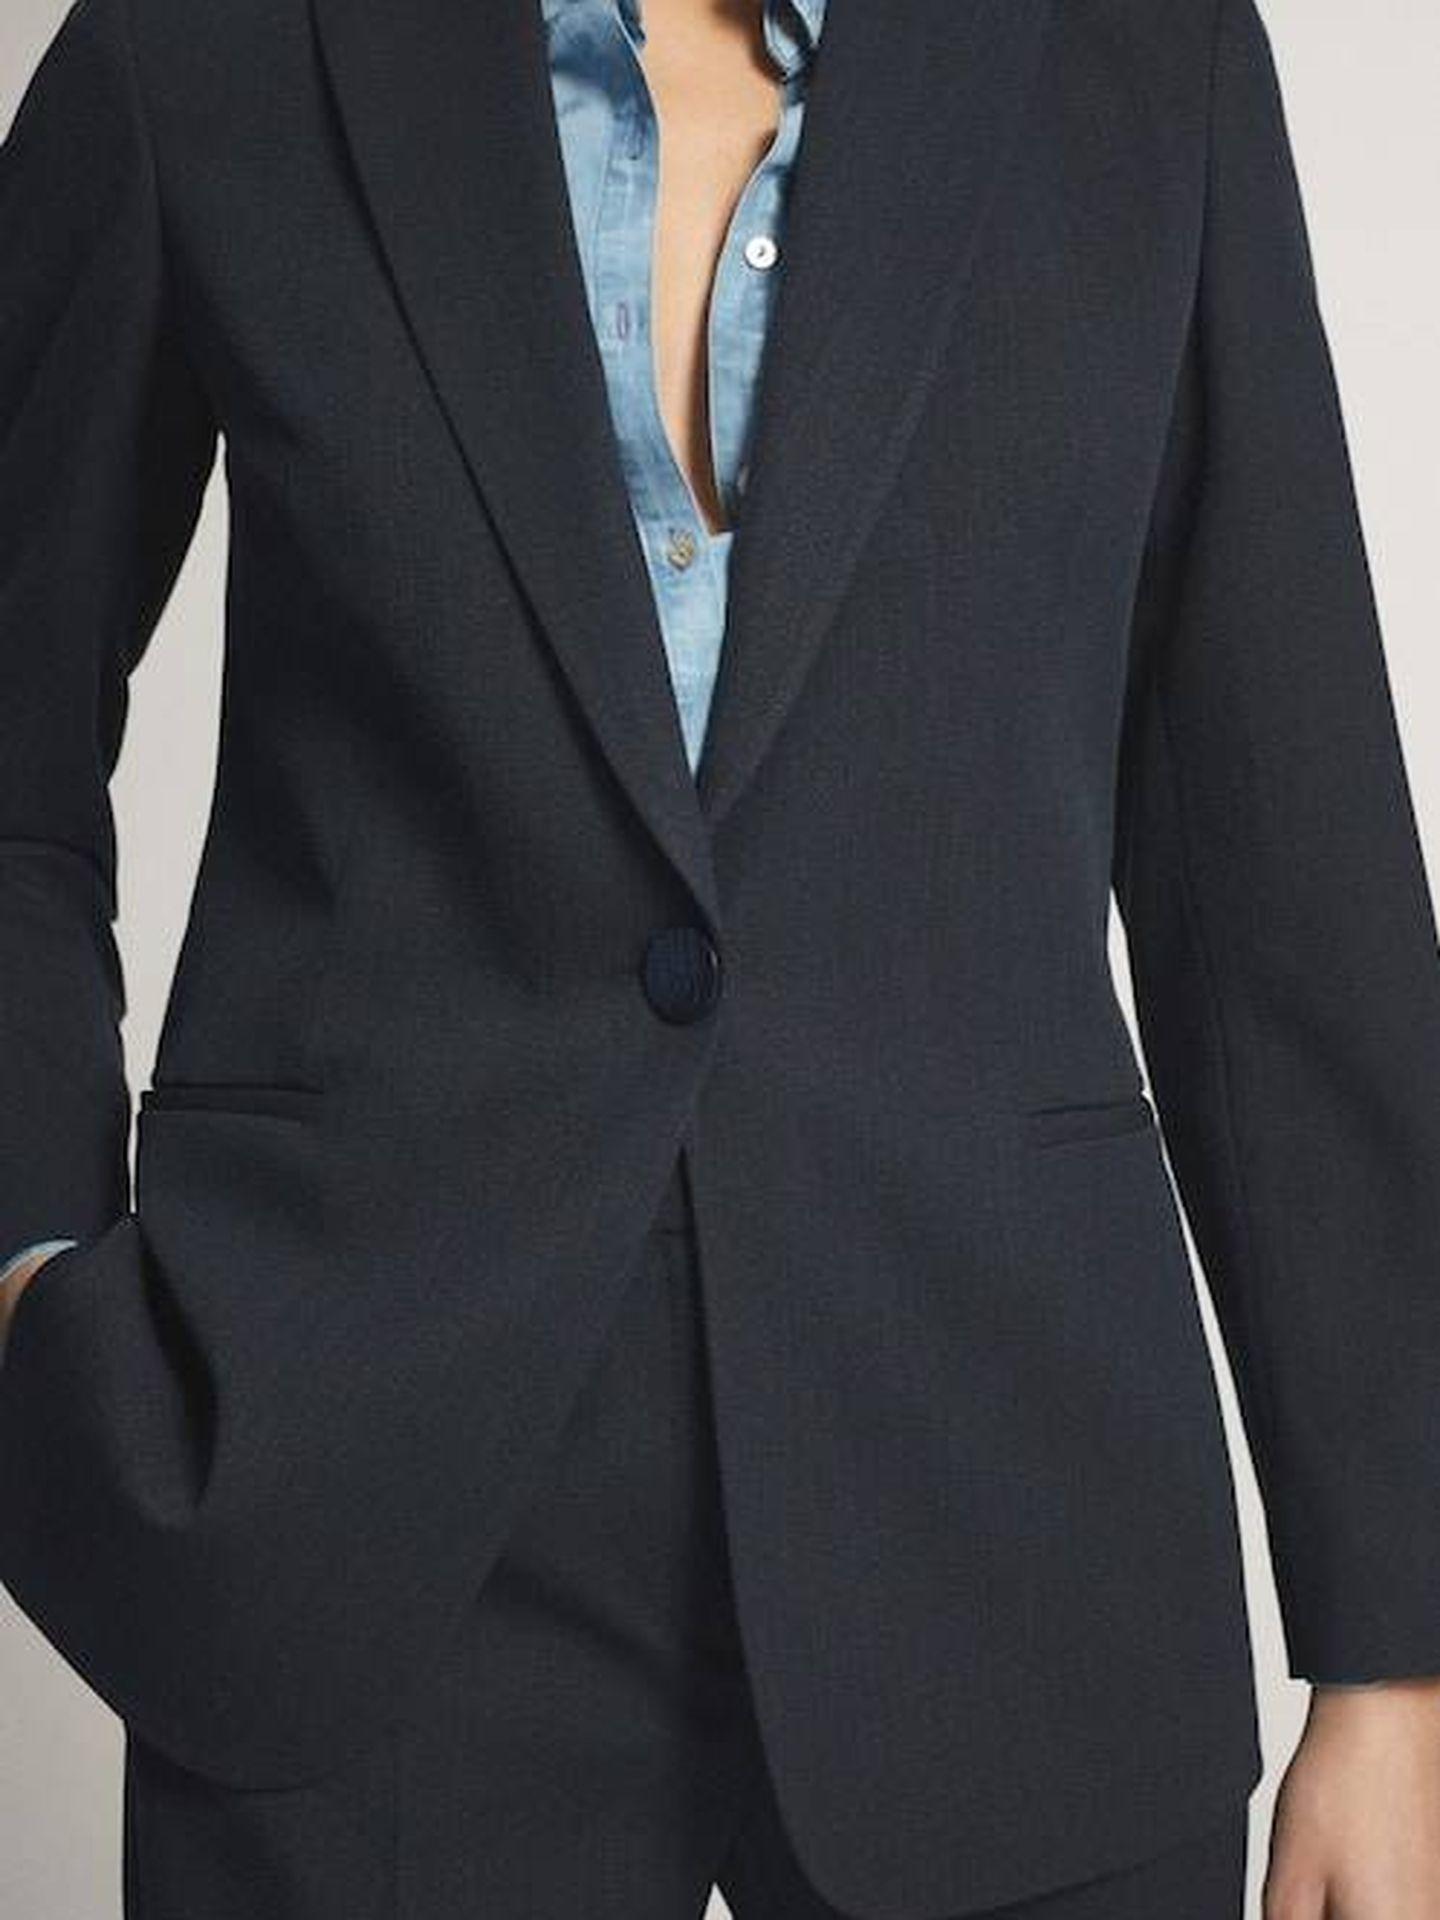 El traje de Massimo Dutti. (Cortesía)